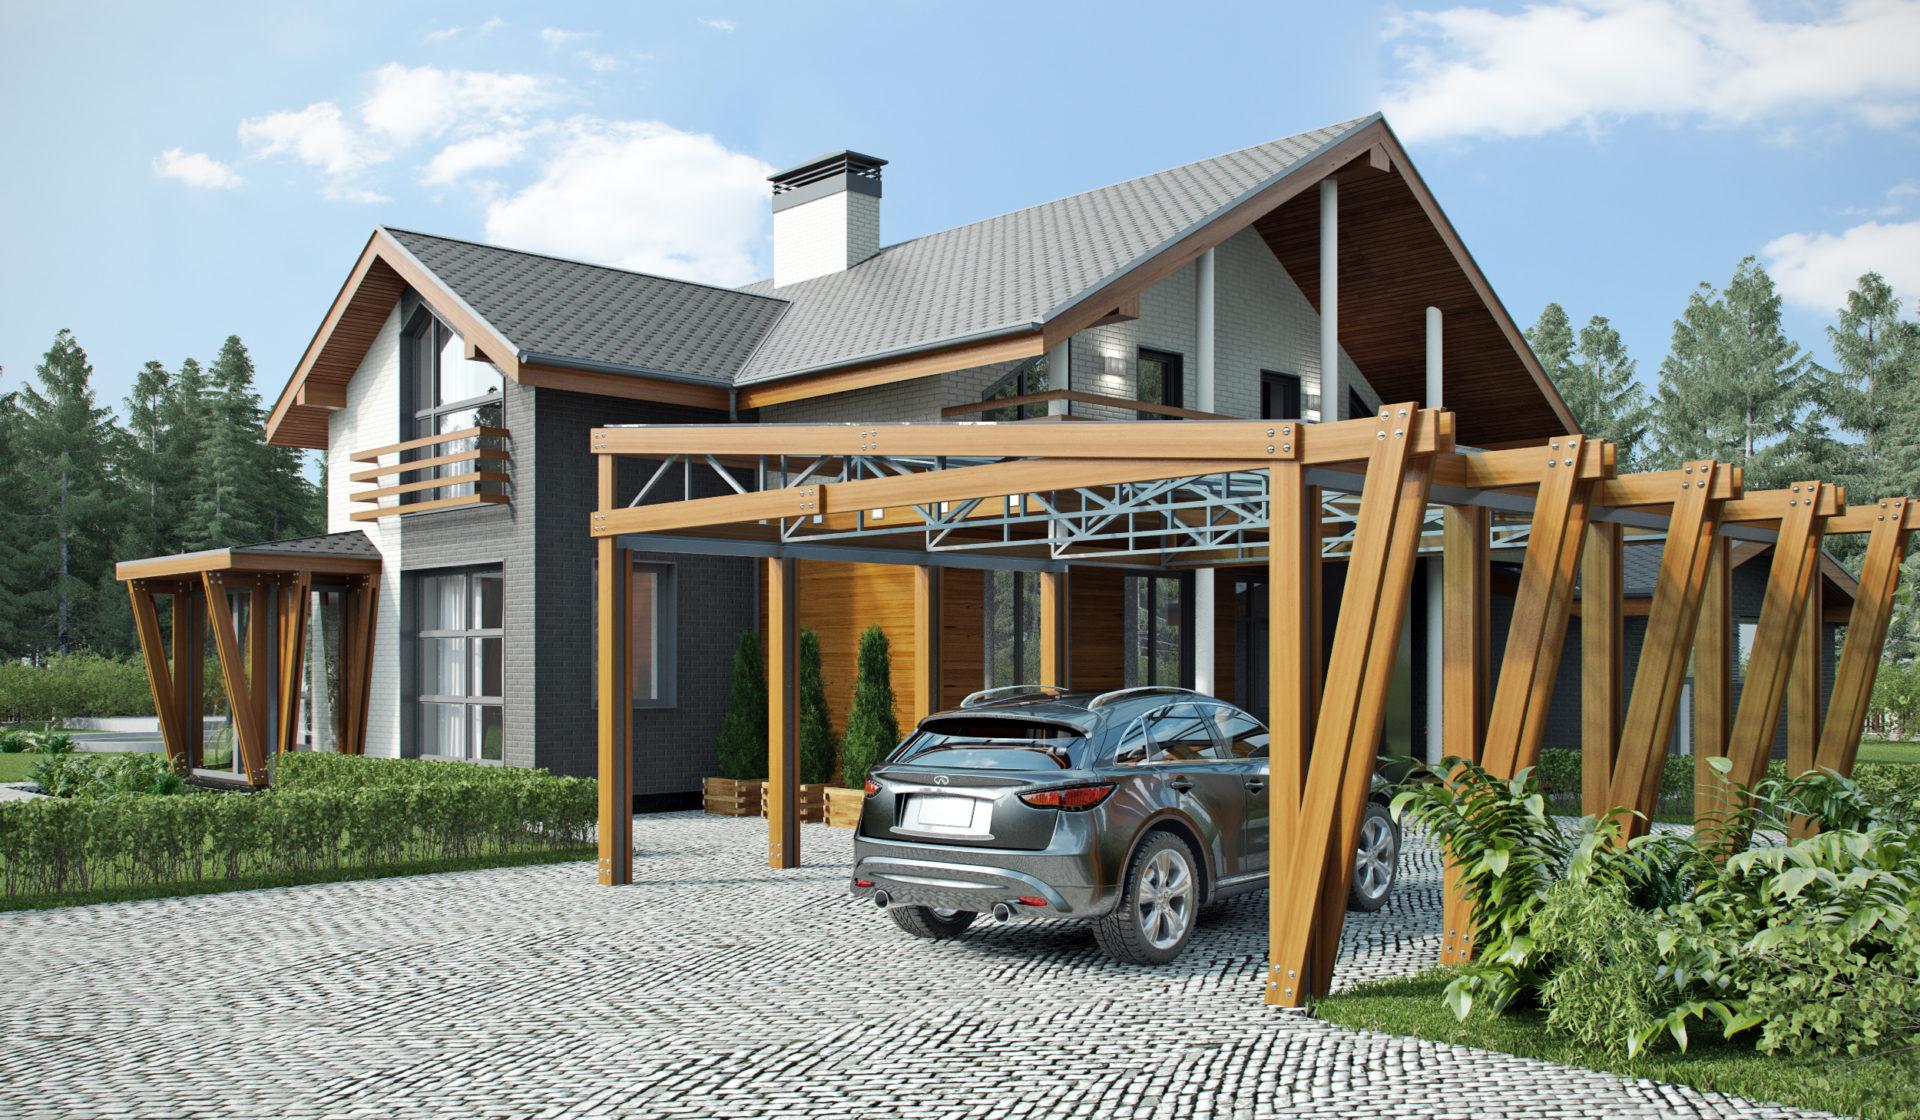 Дизайн фасада дома в современном стиле.